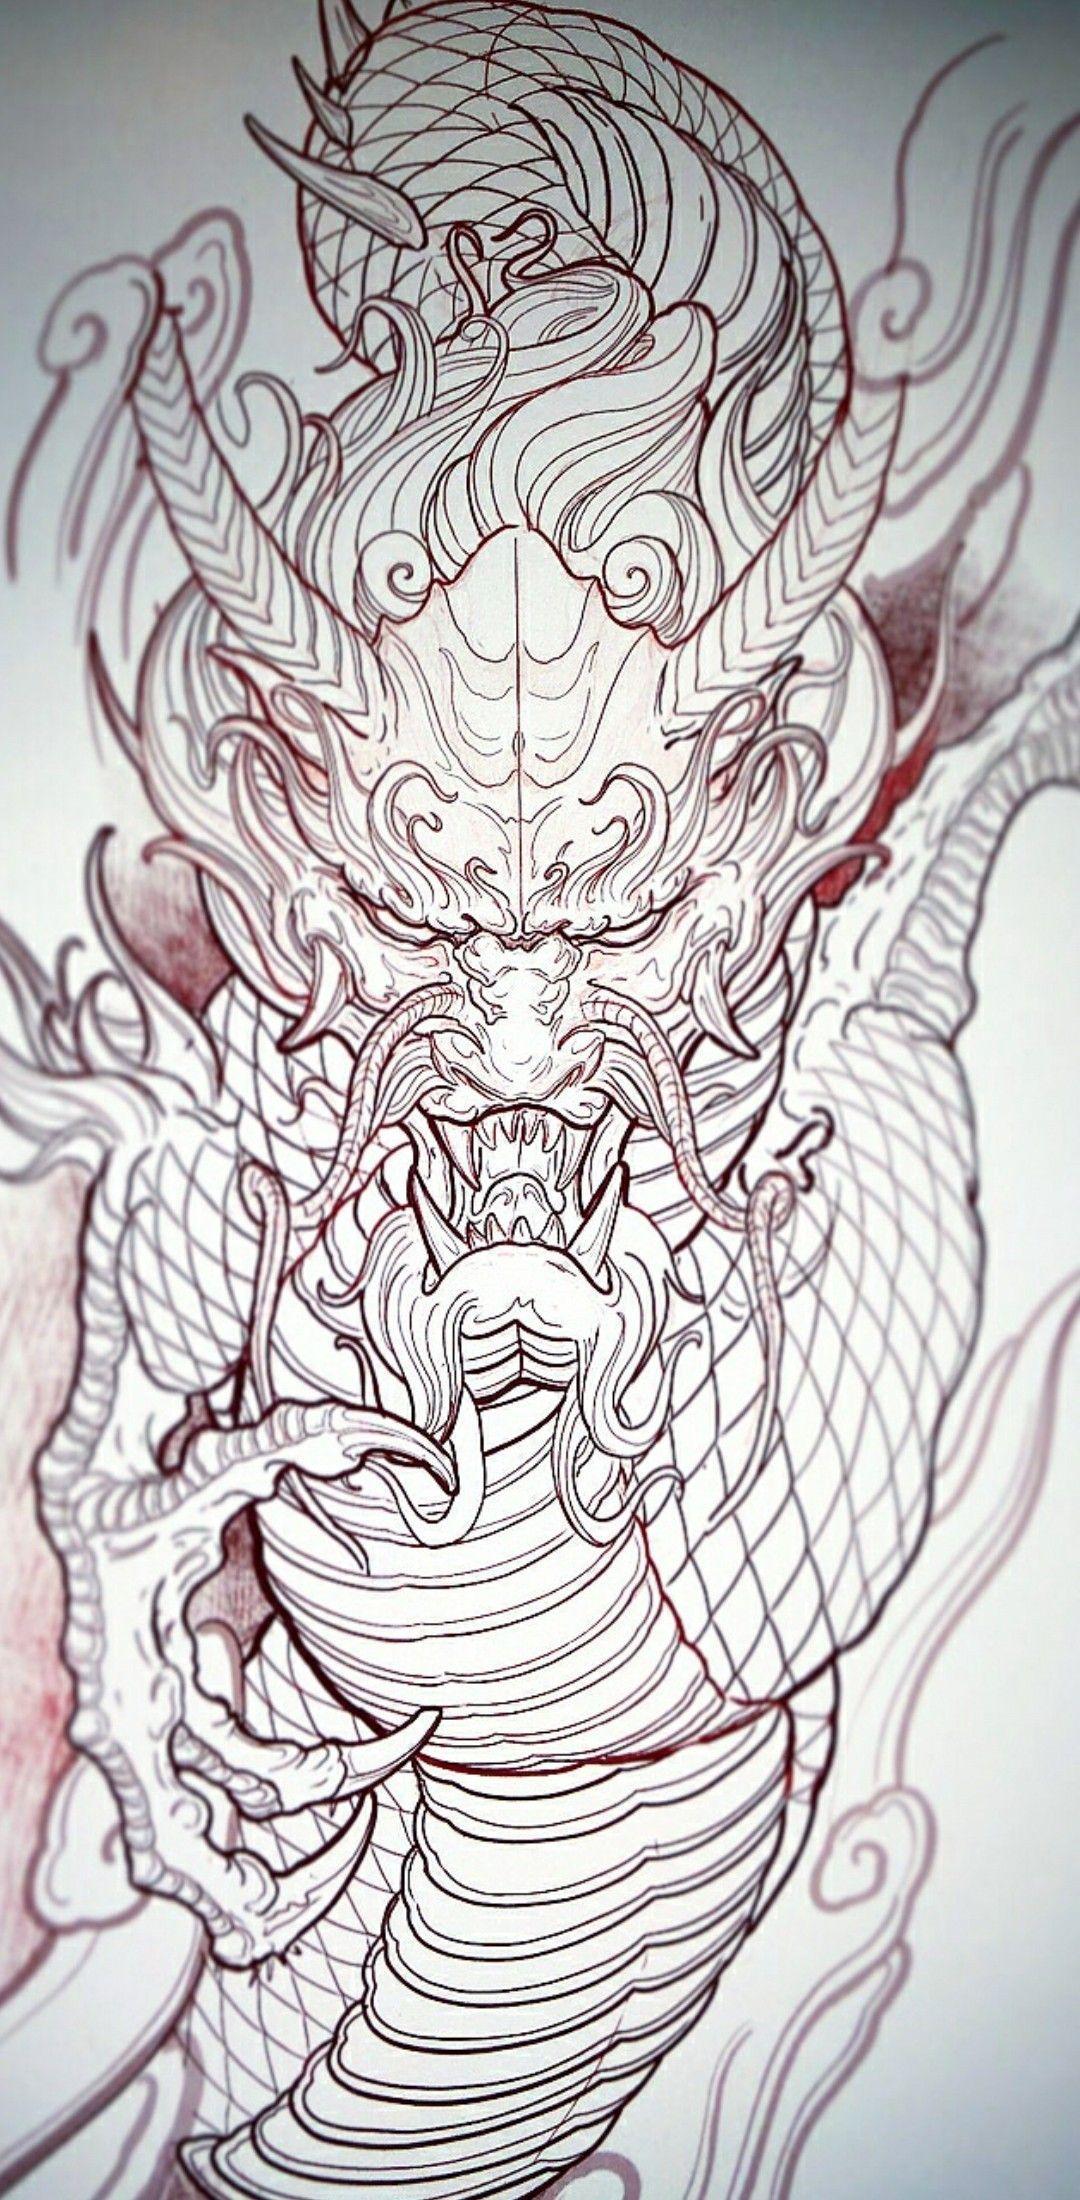 Dragontattoo Foottattoos Piscestattoo In 2020 Samurai Tattoo Design Dragon Head Tattoo Japanese Tattoo Art